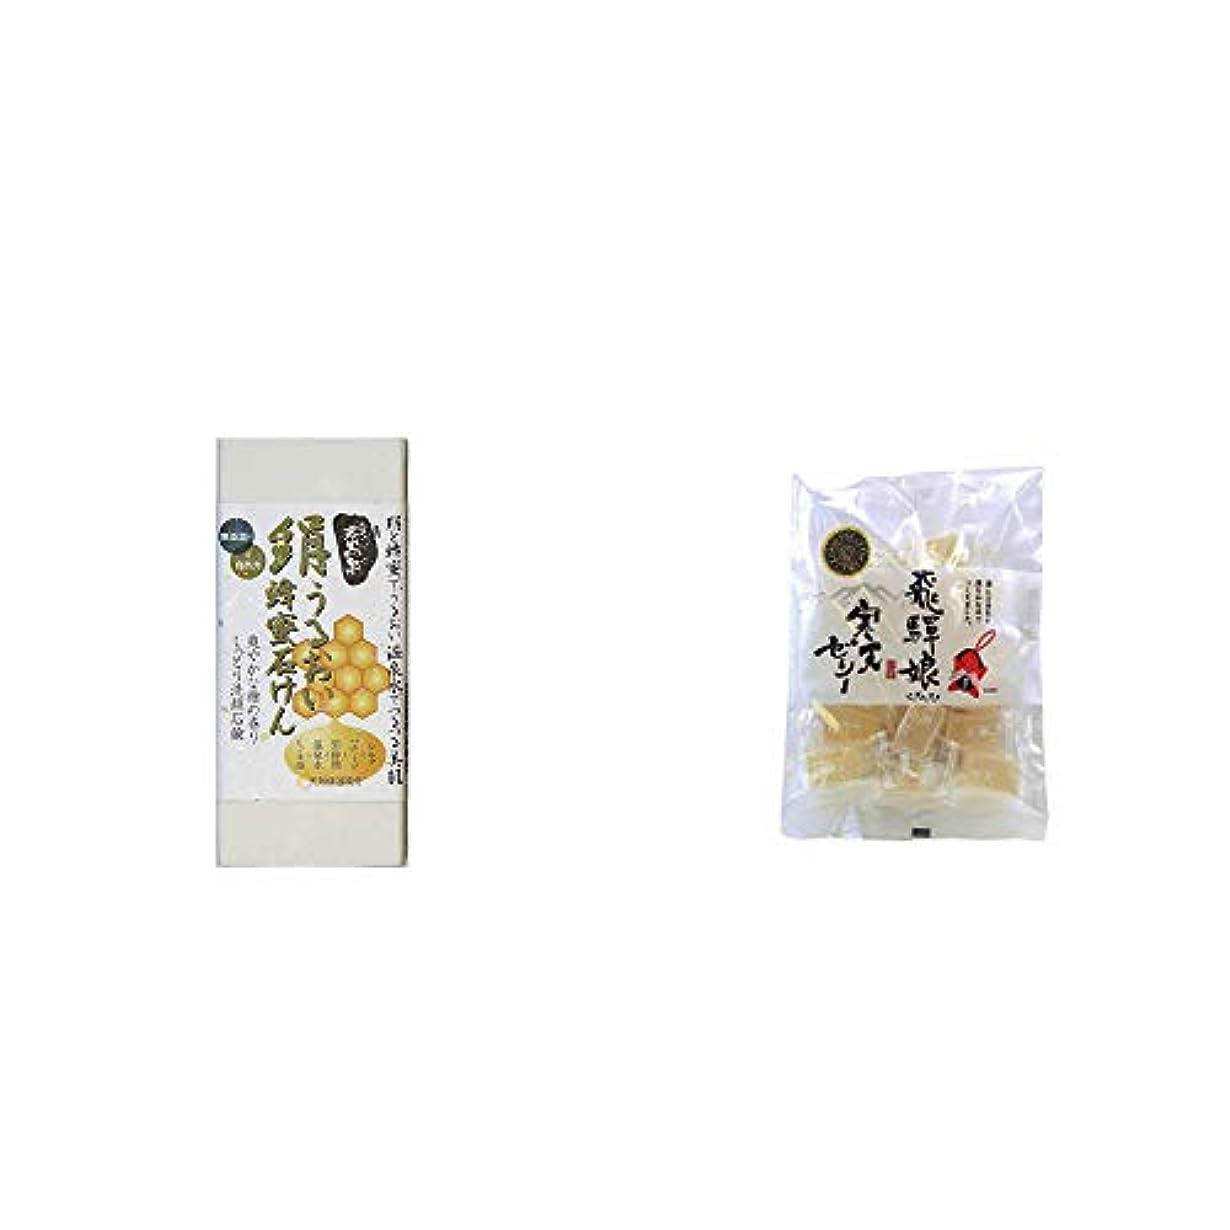 願う直立教室[2点セット] ひのき炭黒泉 絹うるおい蜂蜜石けん(75g×2)?飛騨娘 地酒寒天ゼリー(200g)